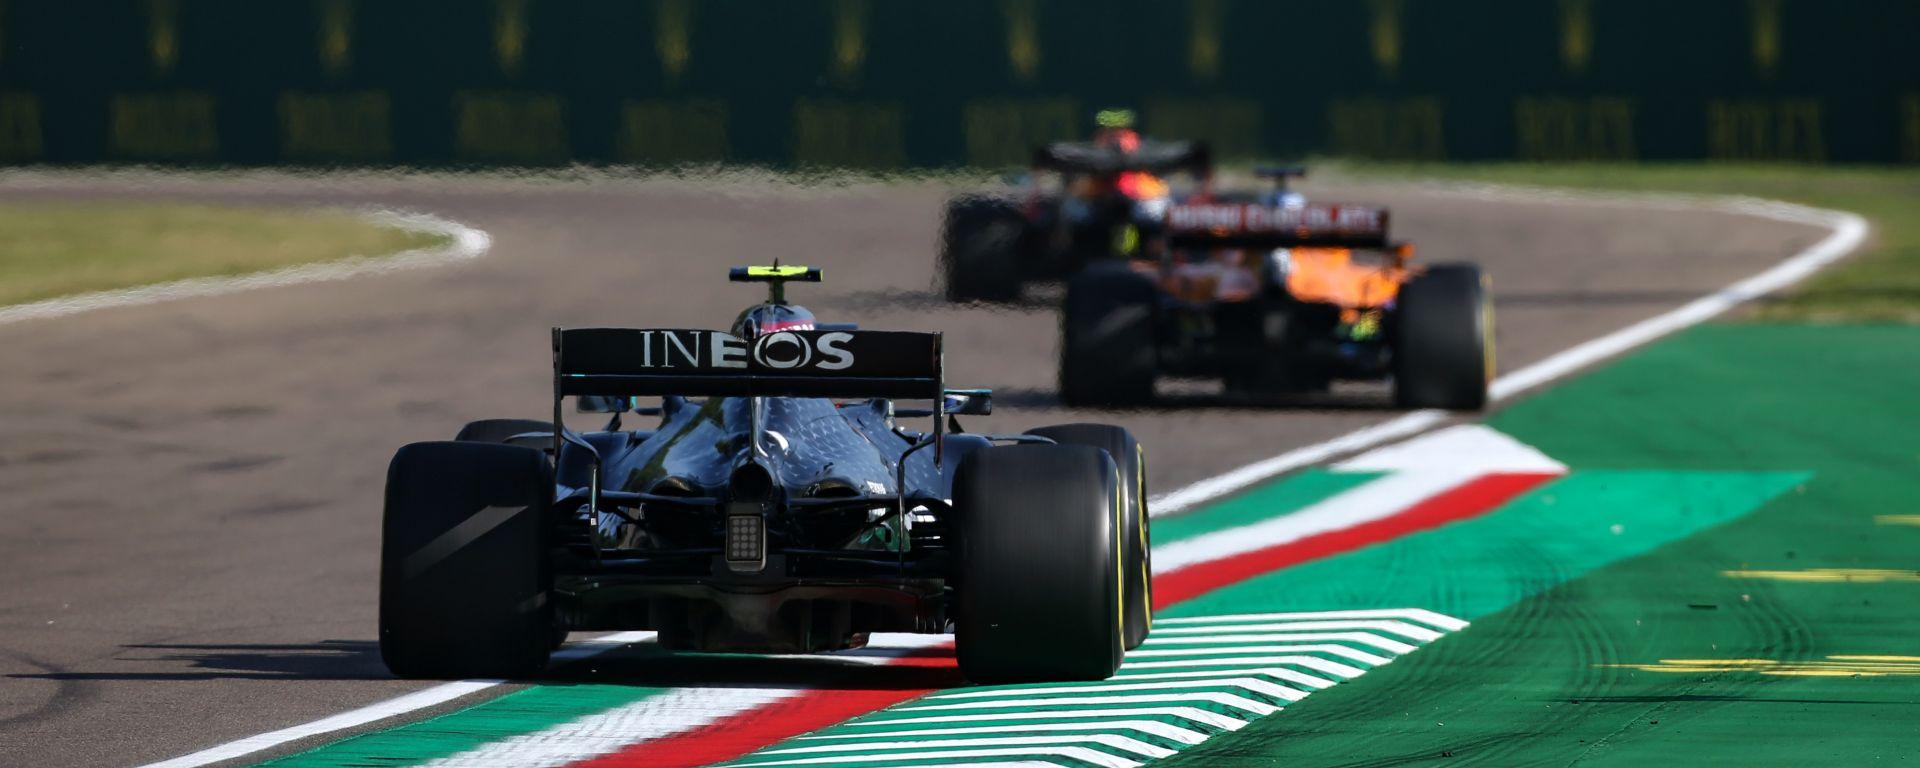 F1, GP Emilia Romagna: traffico in pista